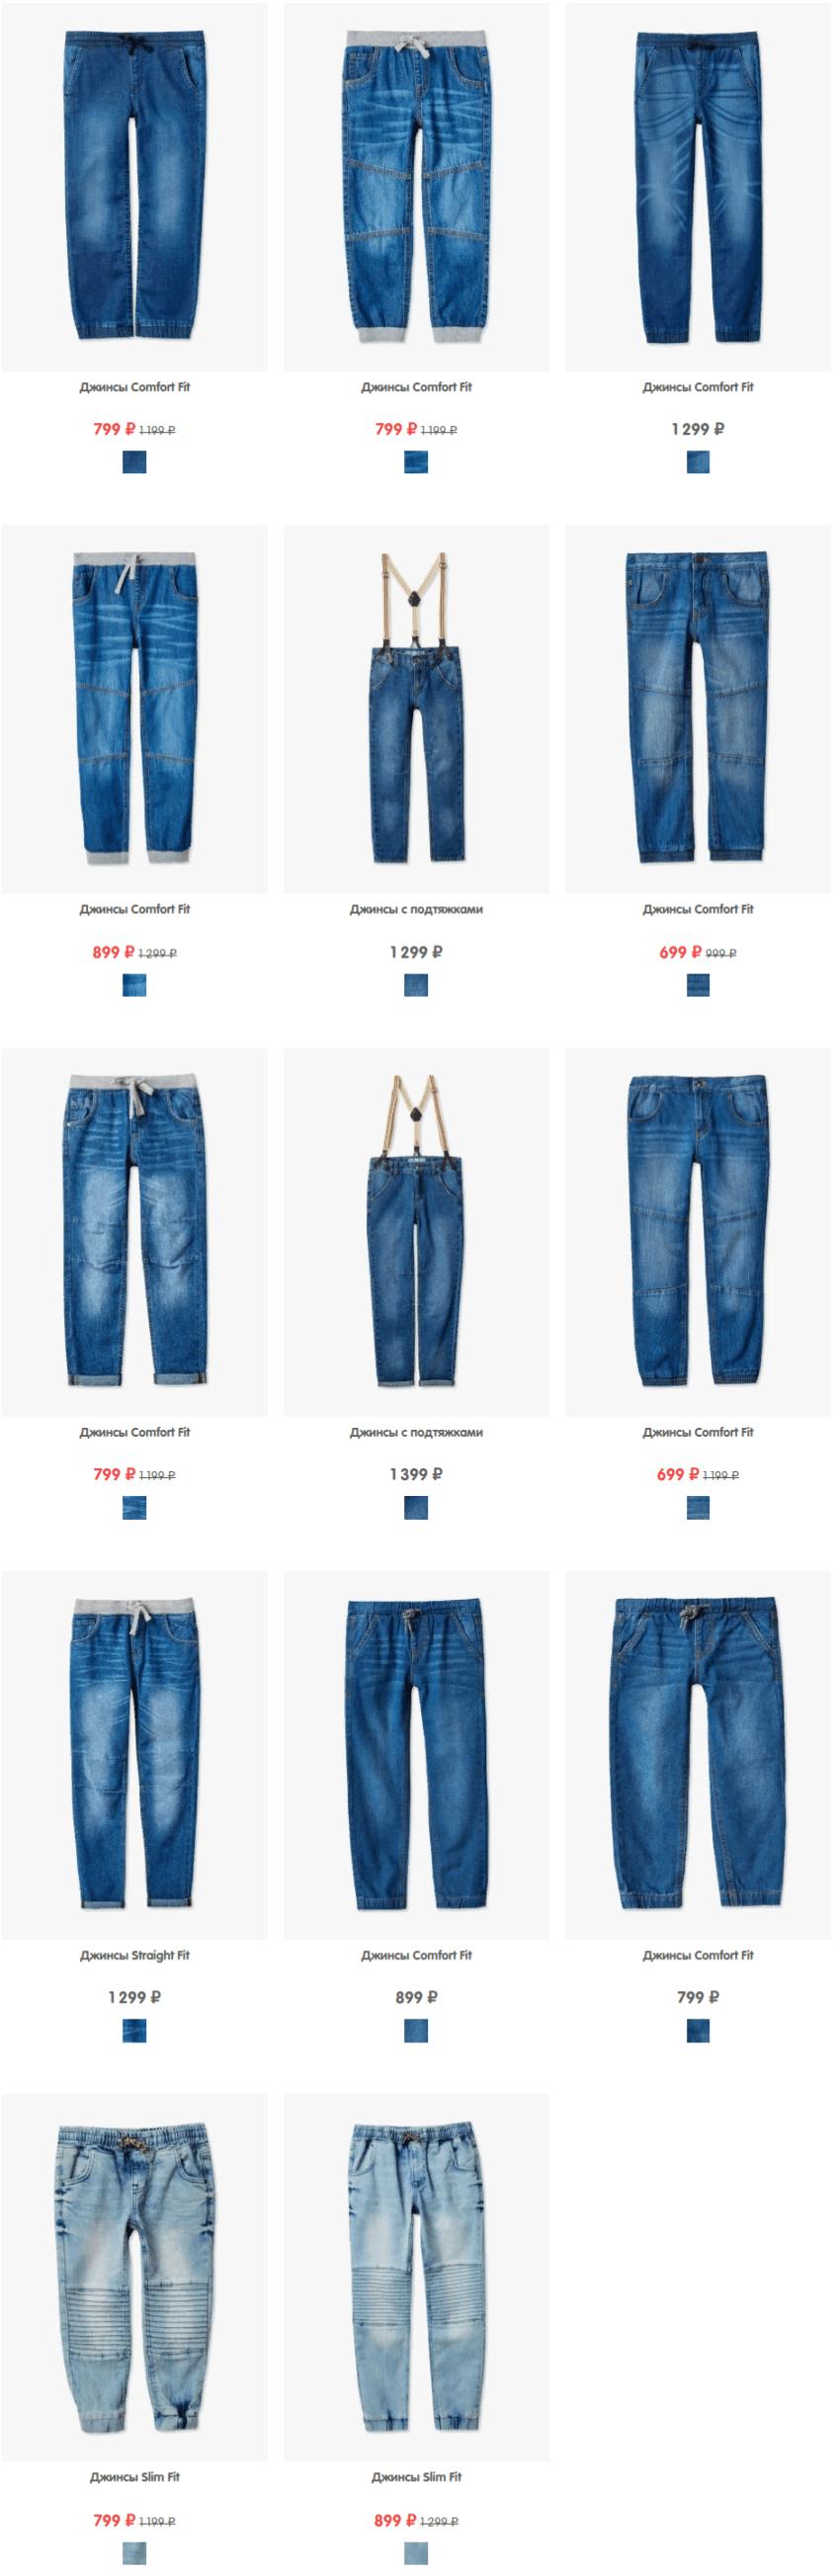 Купить Джинсы для мальчиков в интернет-магазине одежды фандэй